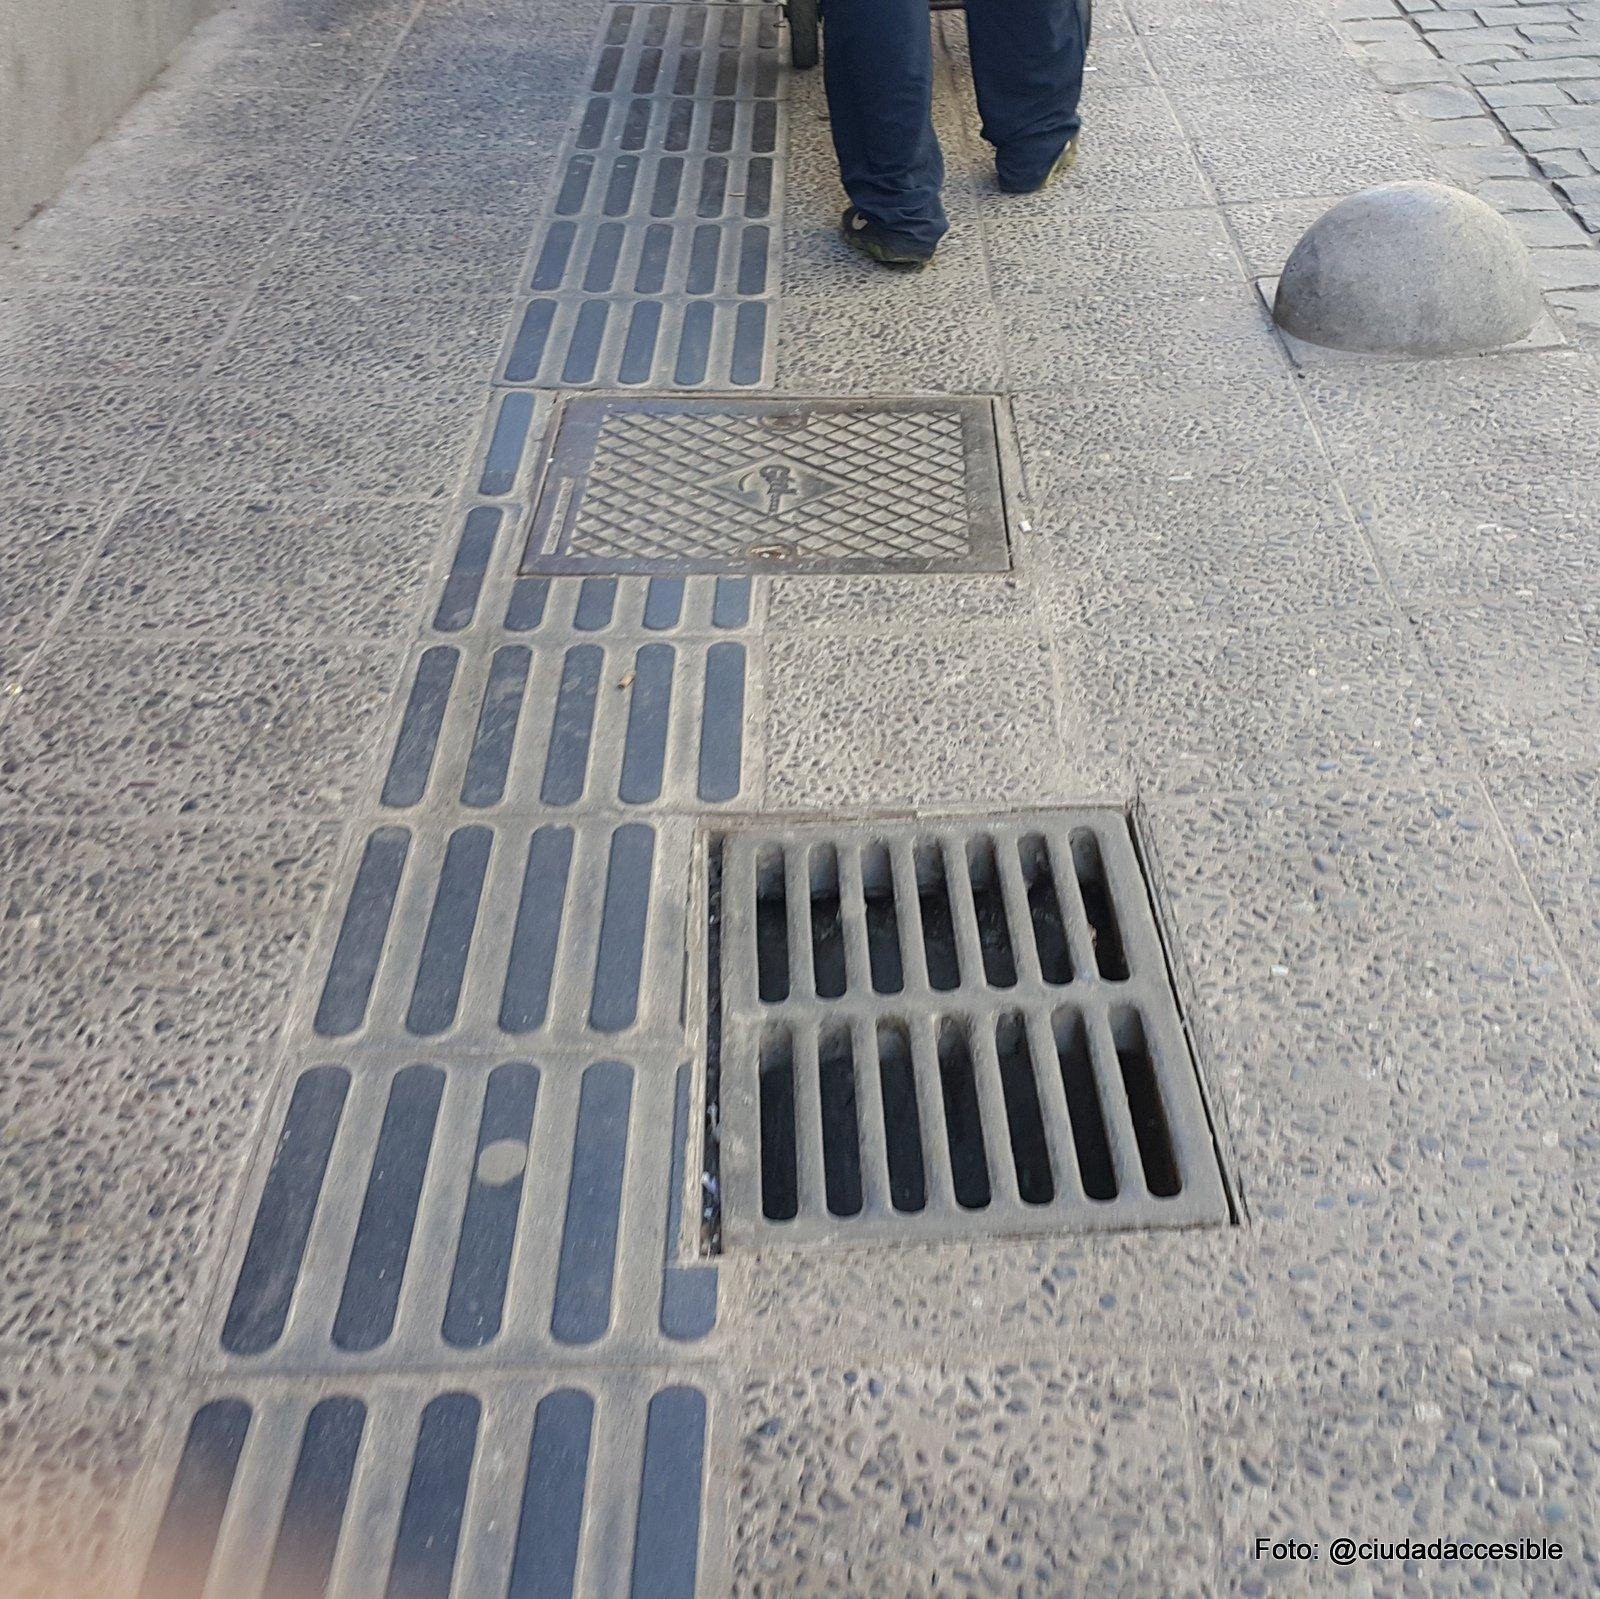 sumideros de aguas lluvia ubicados paralelamente a la circulación peatonal